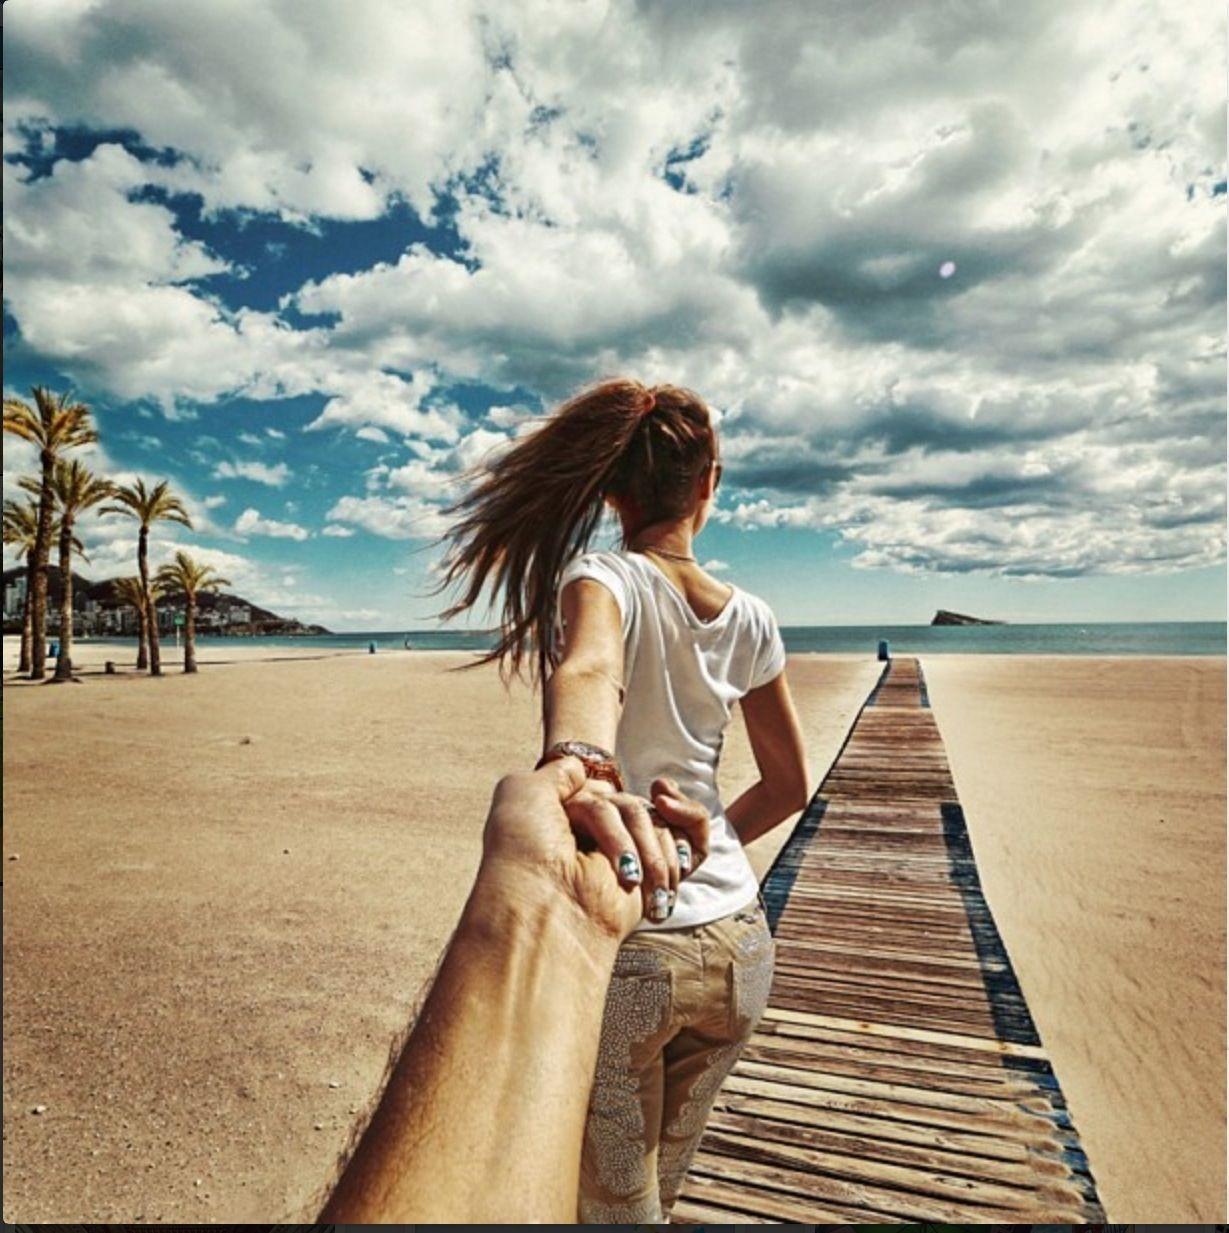 Спина девушки её держит парень за руку 10 фотография